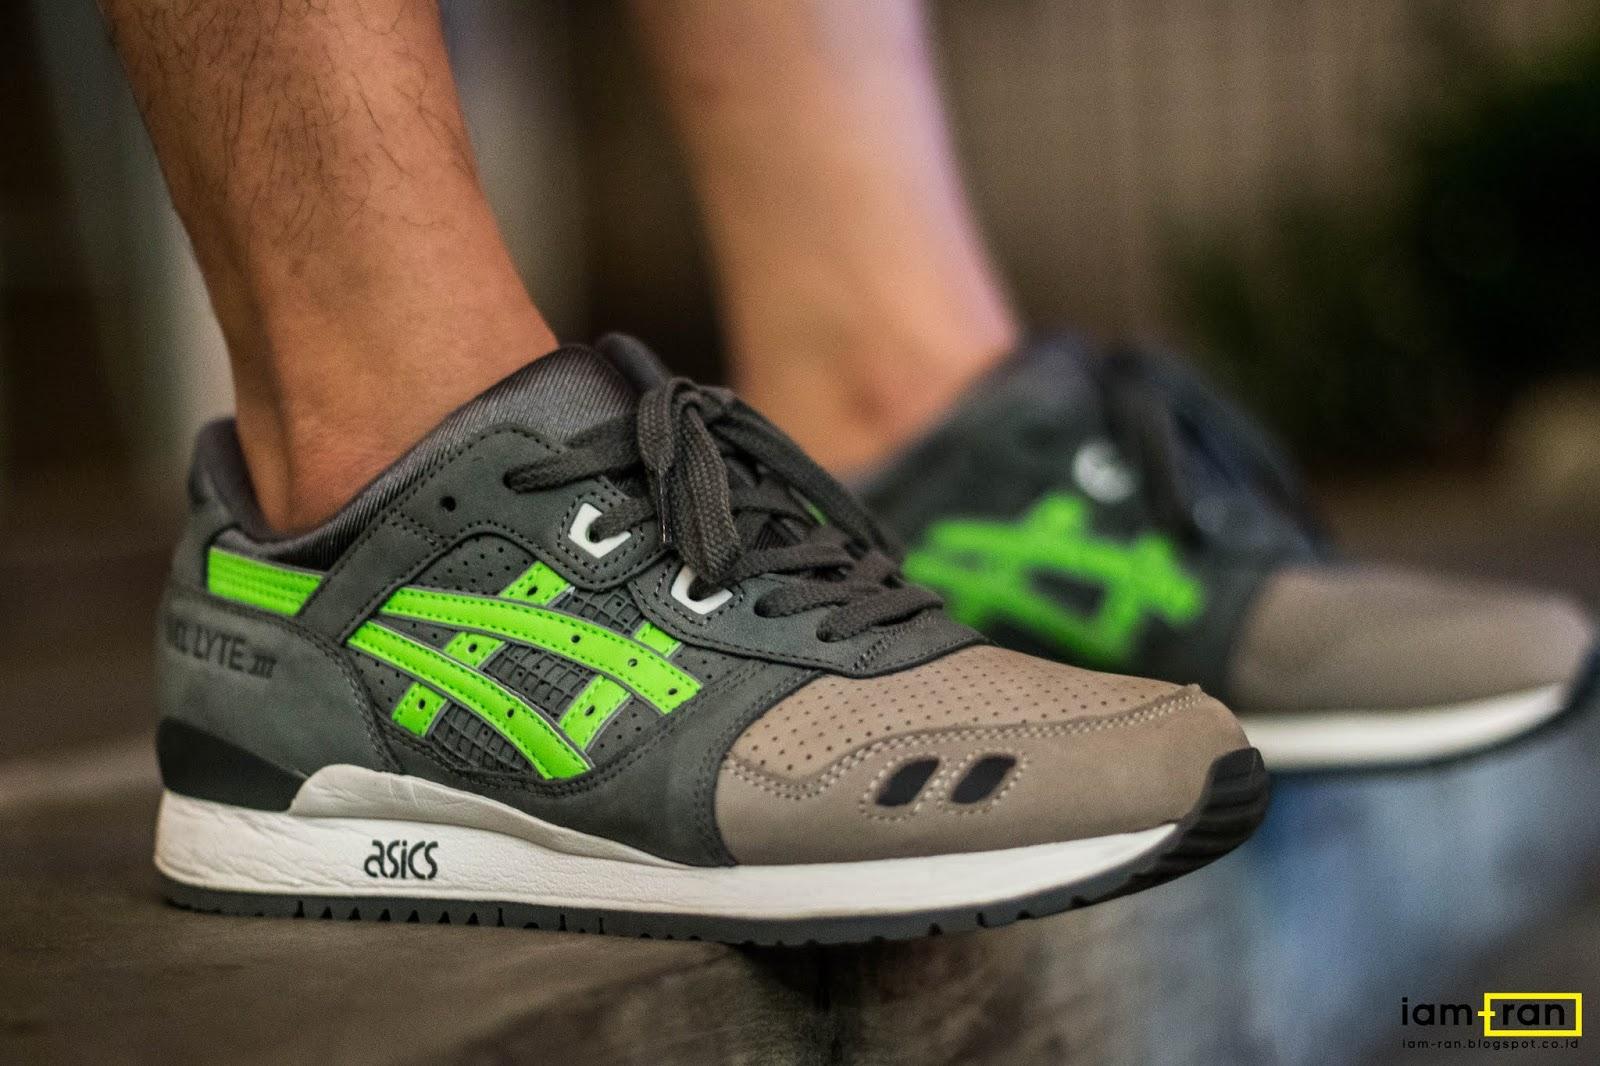 Ronnie Fieg x ASICS Gel Lyte 3.1 Super Green On Feet